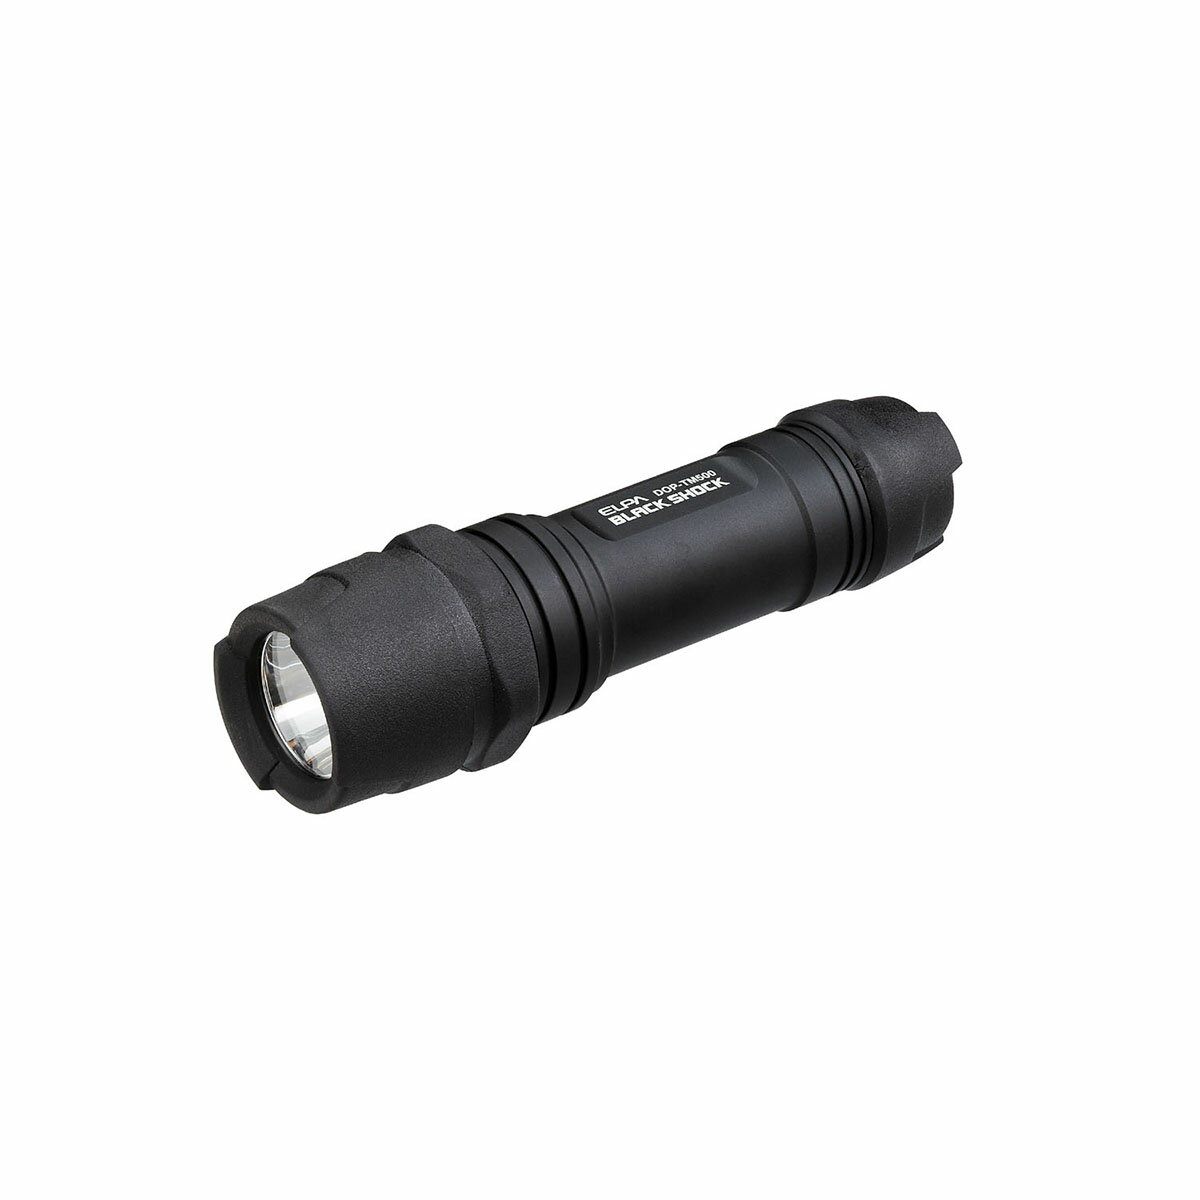 【アウトレット】ELPA 衝撃に強い!タフボディ LEDライト 明るい130lm 防沫 DOP-TM500【同時購入注意】